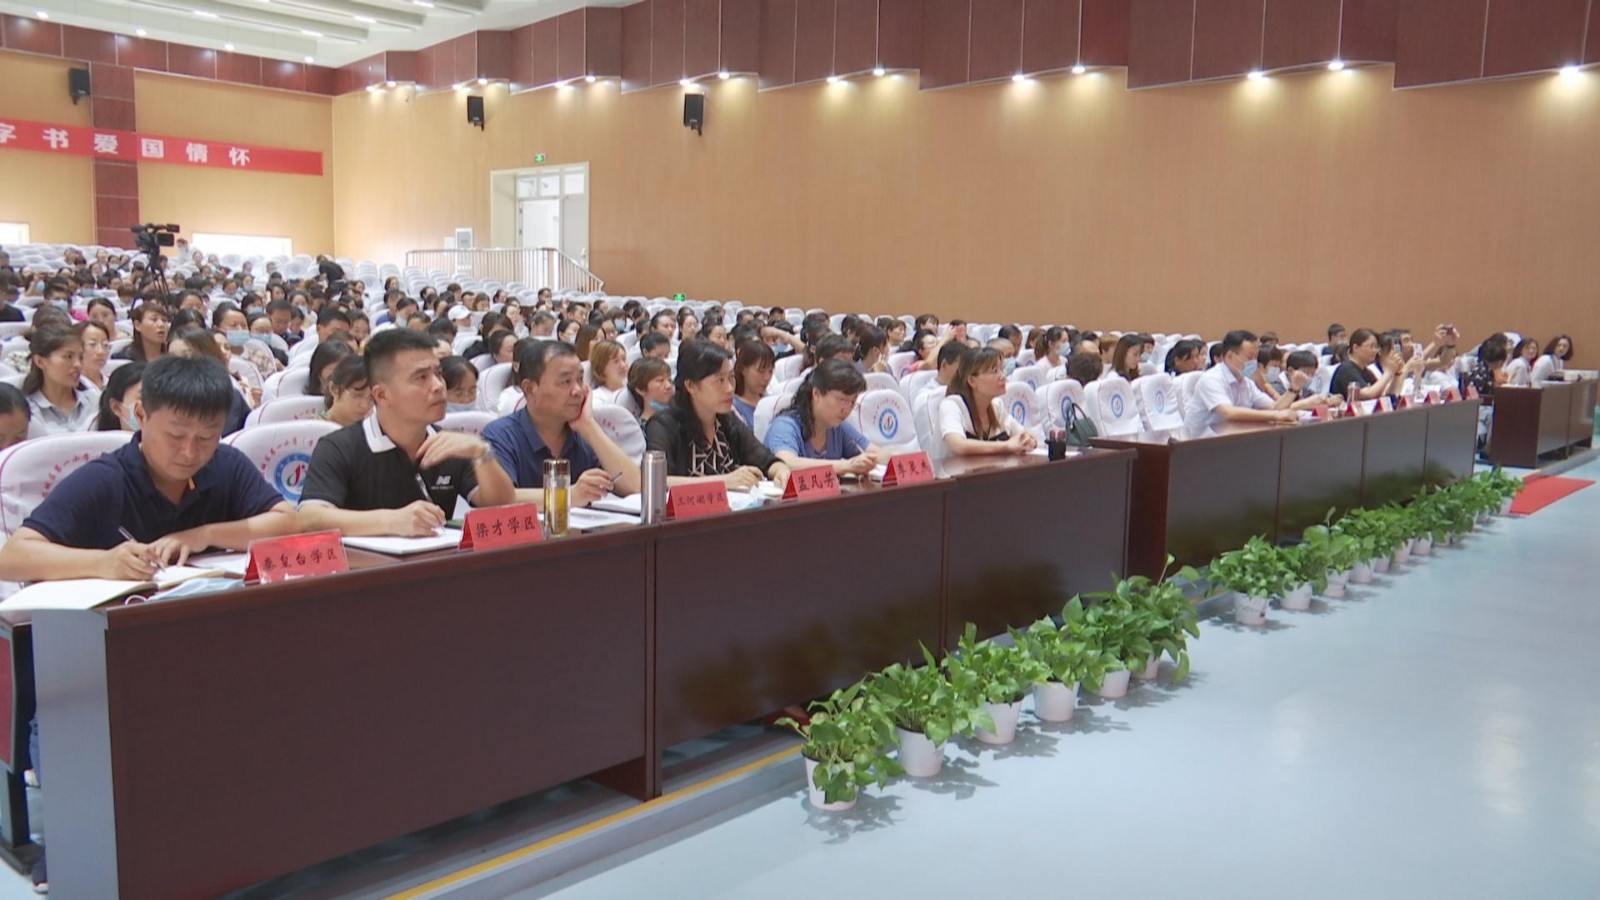 濱城區學前教育管理干部及骨干教師培訓班今天開班